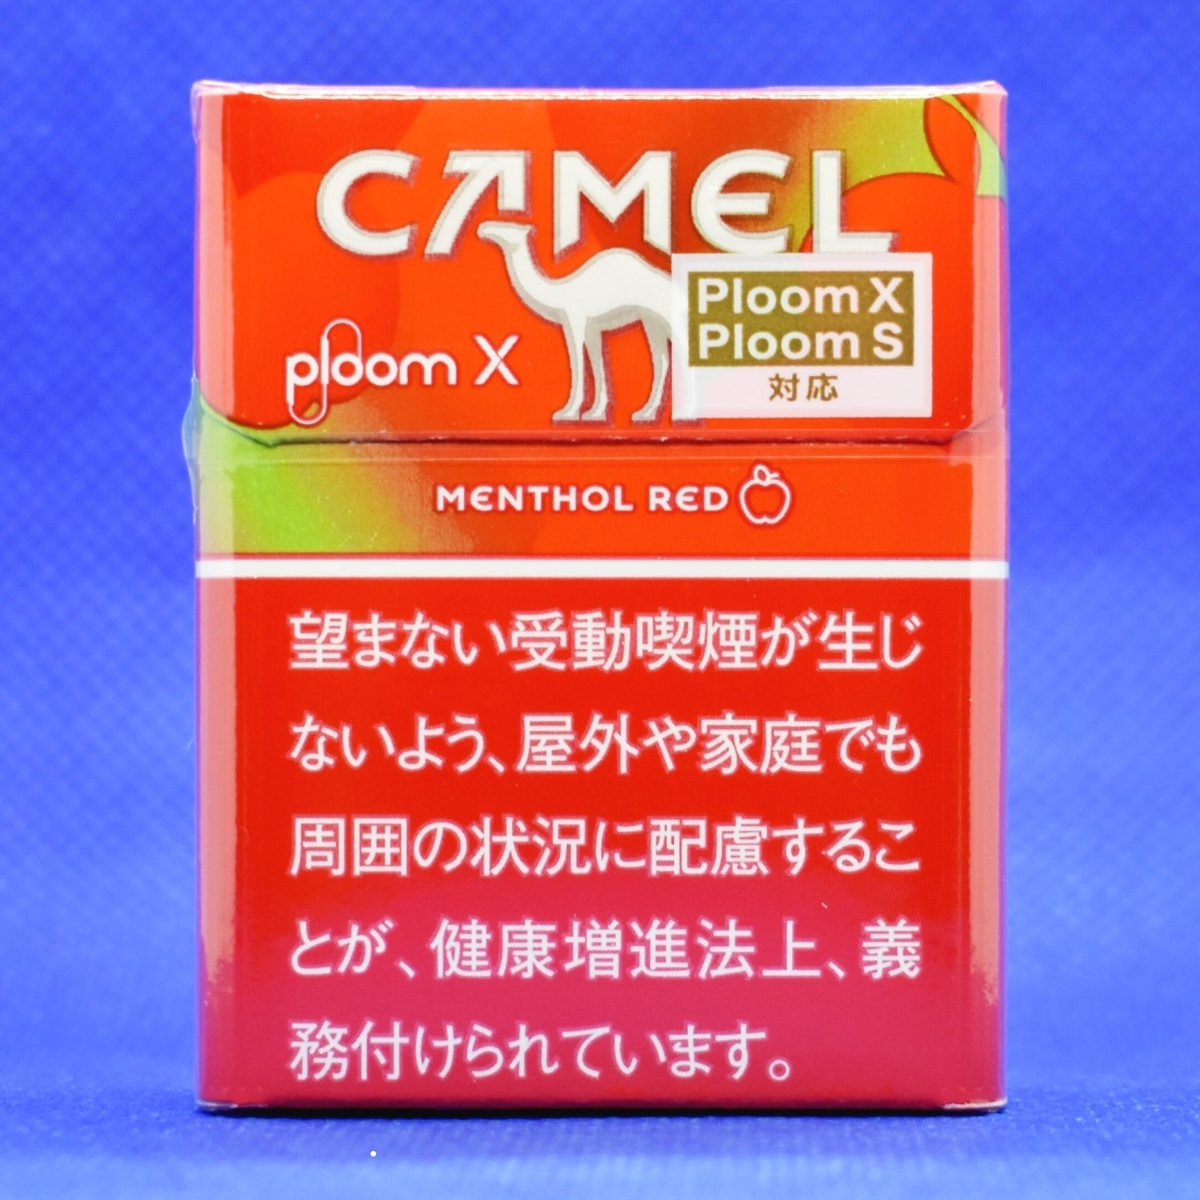 プルームエックス・キャメル・メンソール・レッド(Ploom X CAMEL MENTHOL RED)